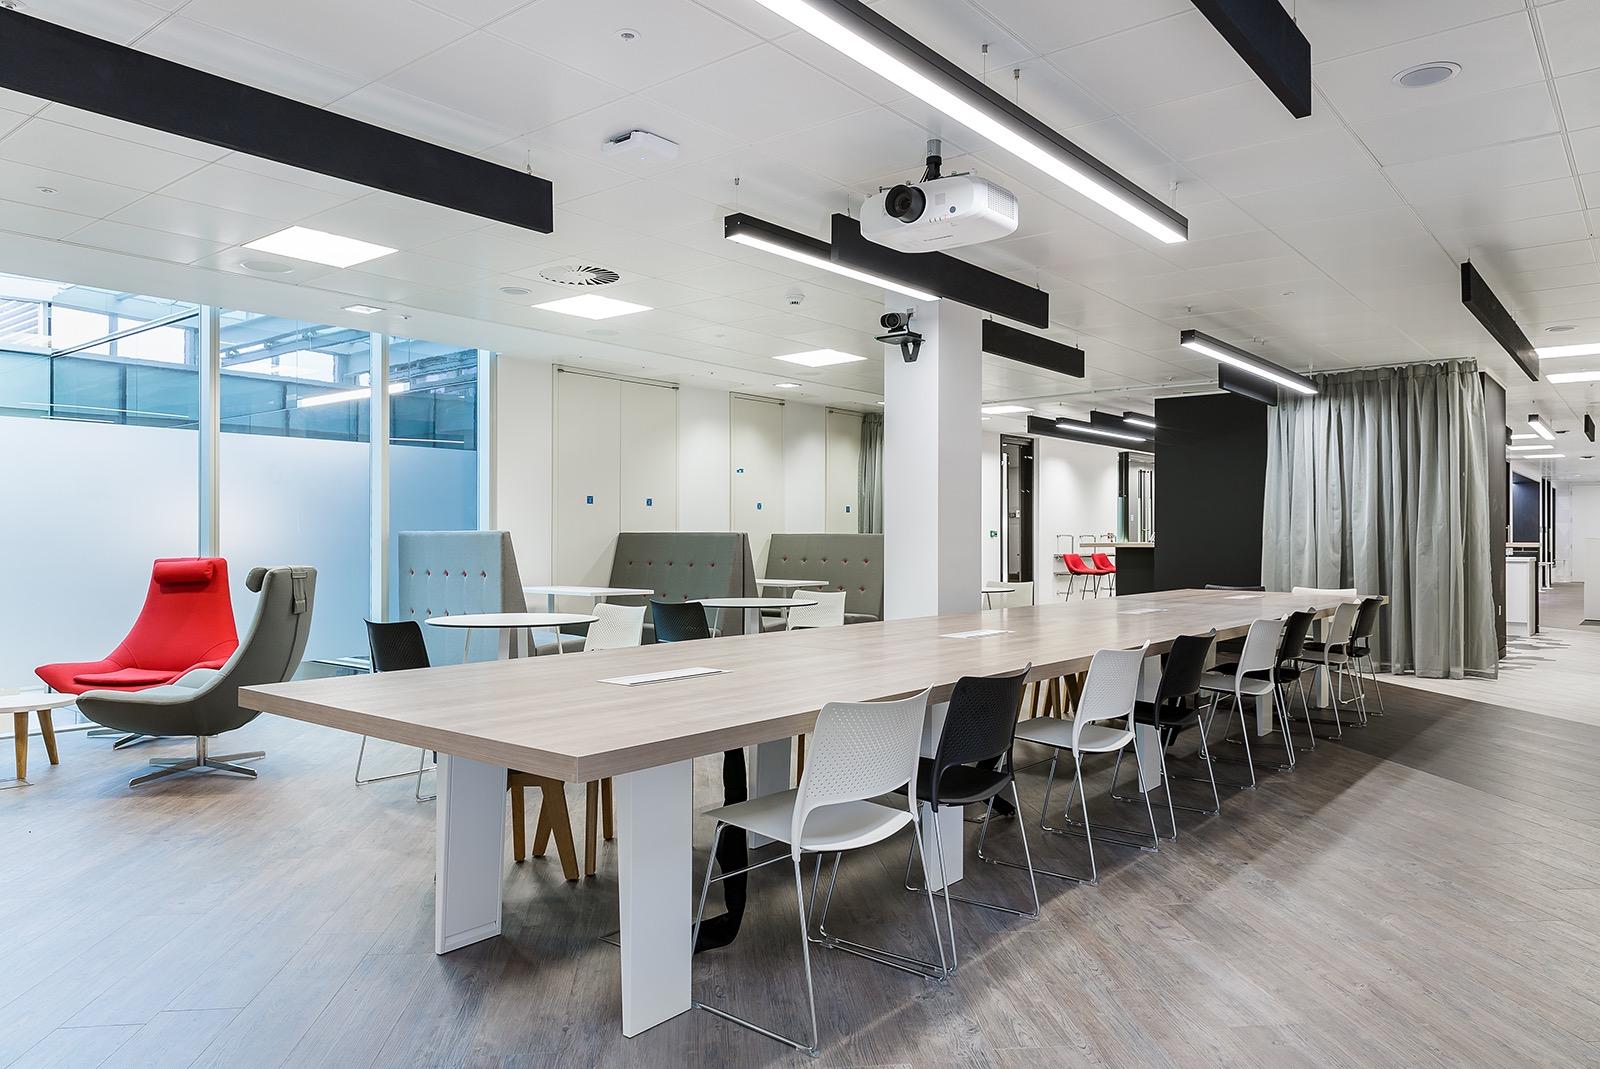 Rakuten Office